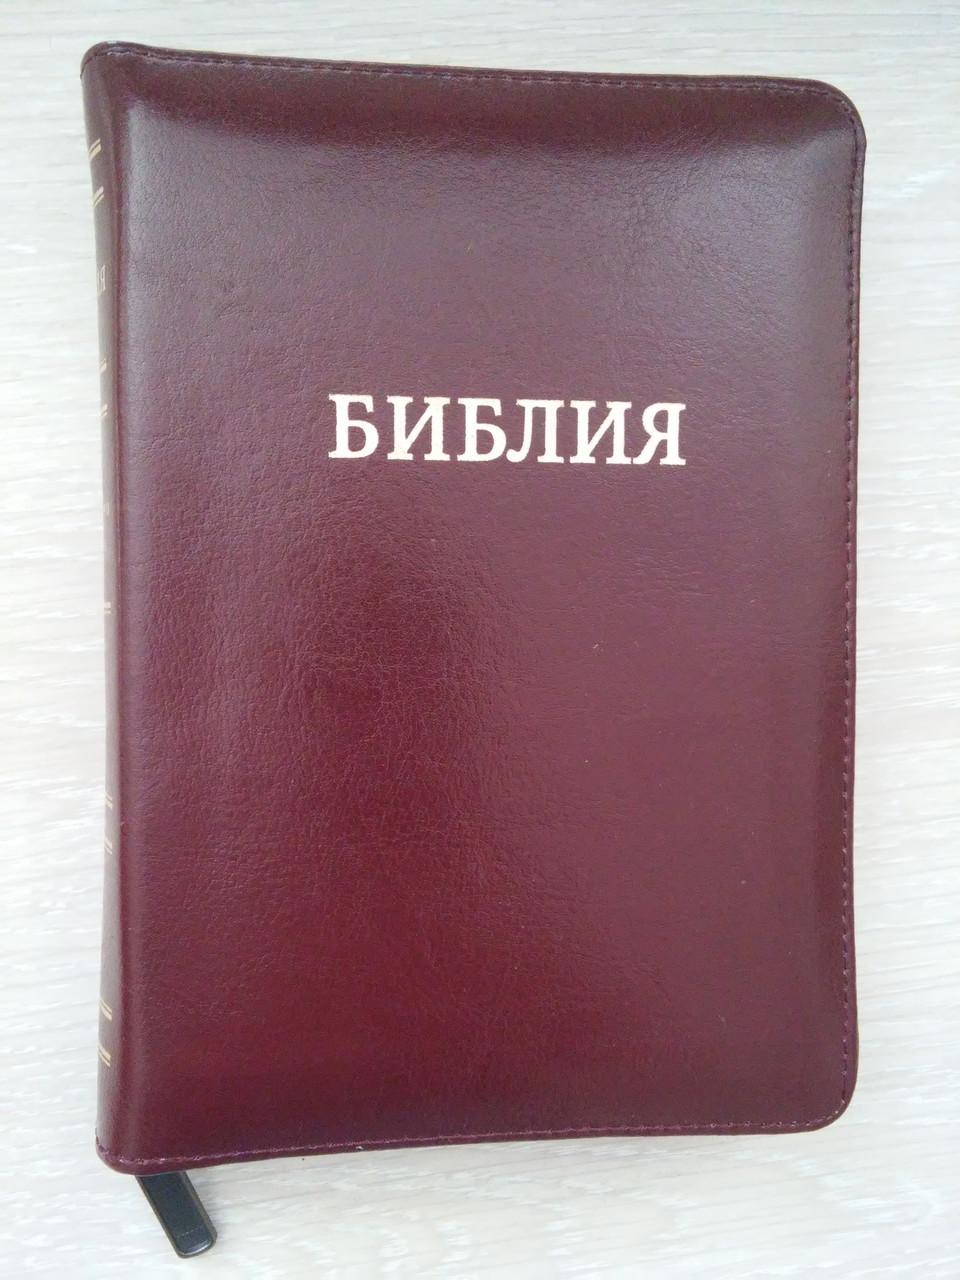 Библия,13,5х19 см.,  бордовая, кожа